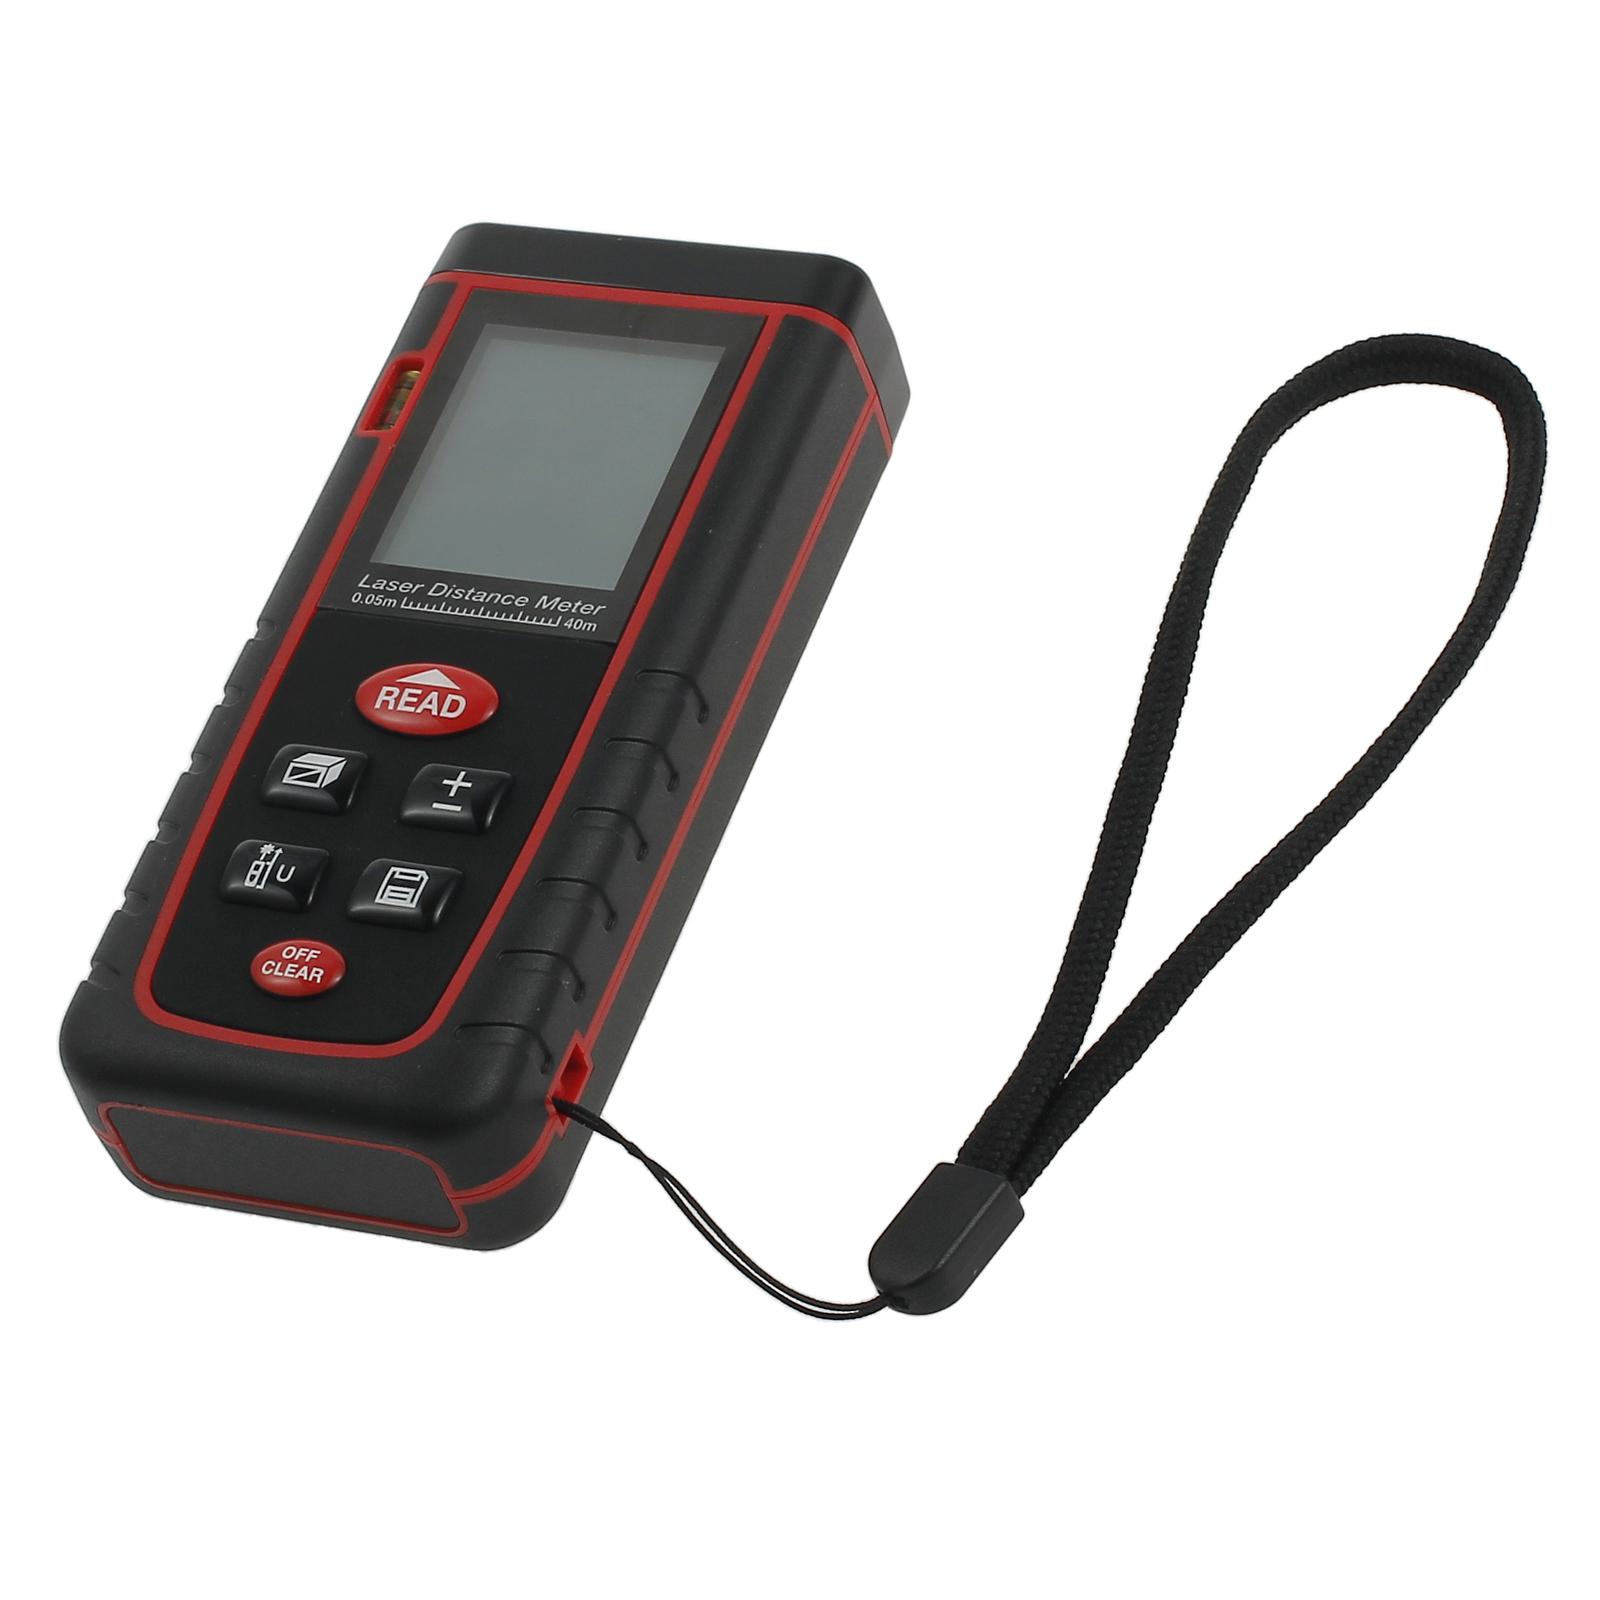 1x 40m Digital LCD Laser Entfernungsmesser Distanzmesser Abstandsmesser Finder